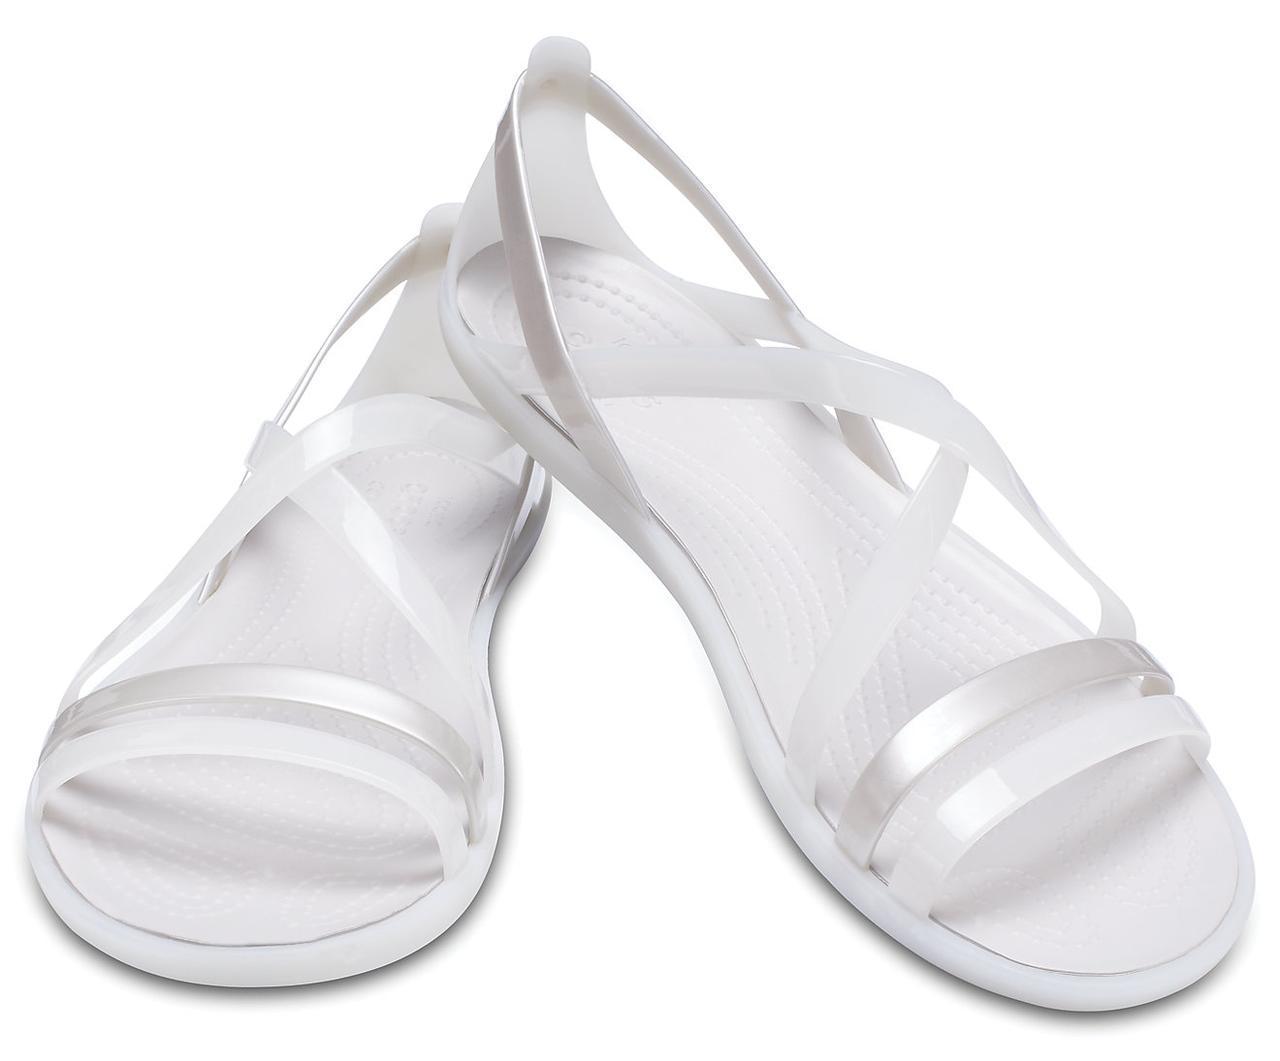 Босоножки женские балетки Кроксы Изабелла Страп оригинал / Crocs Women's Isabella Strappy Sandal